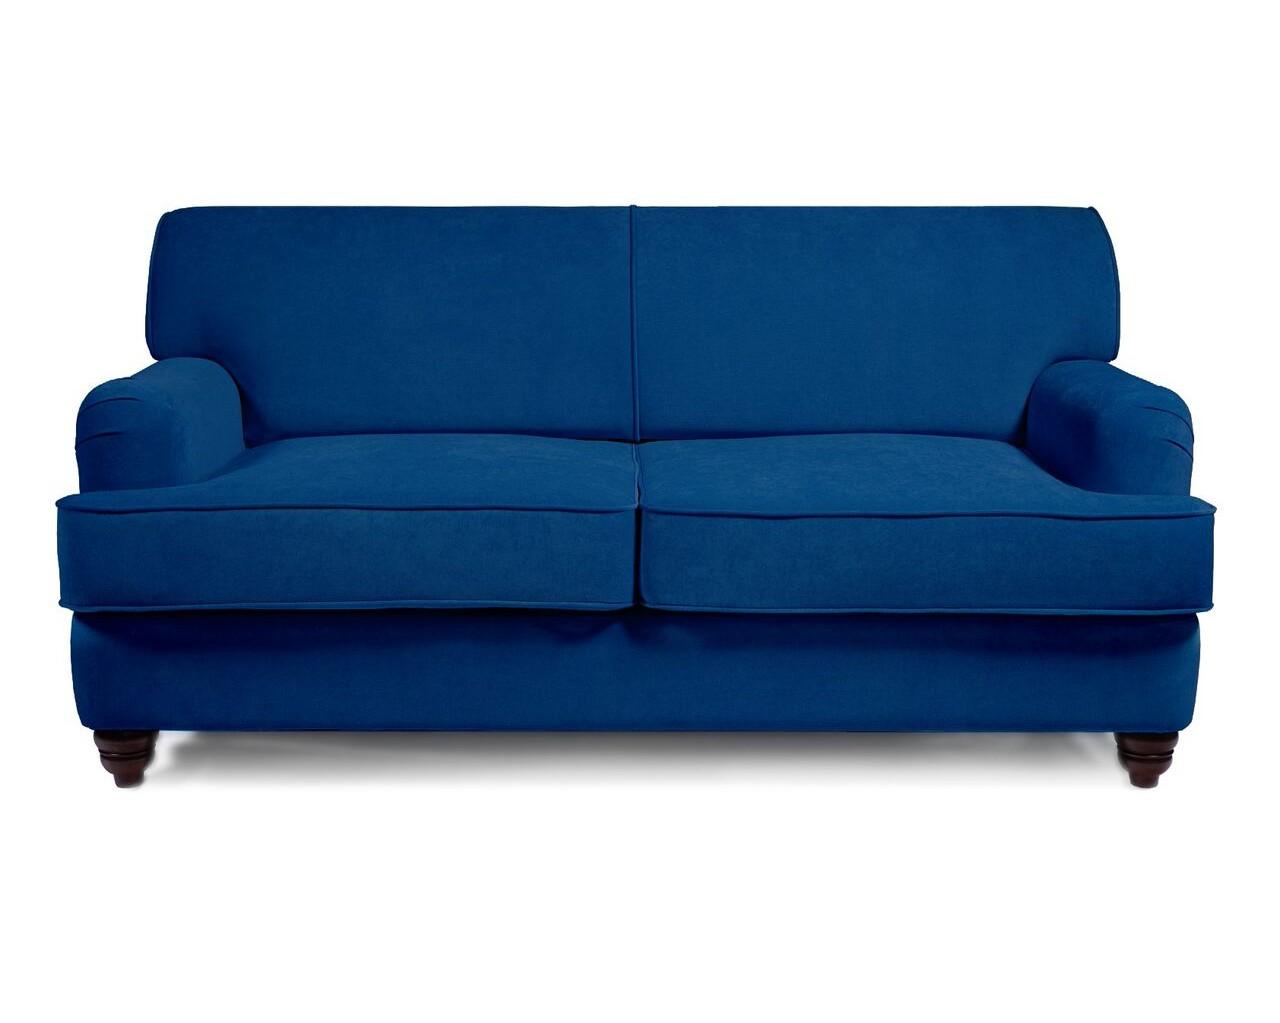 Диван-кровать OneПрямые раскладные диваны<br>&amp;lt;div&amp;gt;Создавая коллекцию MyFurnish One, мы думали о предметах, которые впишутся в любой интерьер. Первый диван получился достаточно компактным, но вместительным за счет уменьшенных подлокотников. Практичная обивка дополняется резными ножками из массива дерева — контраст формы и содержания. Плавные линии без лишнего декора завершают образ, подходящий для различных интерьеров, современных или классических, минималистичных или насыщенных. А спальное место превращает его в очень функциональный предмет.&amp;lt;/div&amp;gt;&amp;lt;div&amp;gt;&amp;lt;br&amp;gt;&amp;lt;/div&amp;gt;&amp;lt;div&amp;gt;Каркас и ножки: массив сосны и березы, фанера.&amp;lt;/div&amp;gt;&amp;lt;div&amp;gt;Ширина спального места: 120 см x 190 см.&amp;lt;/div&amp;gt;&amp;lt;div&amp;gt;Сиденье и спинка: пружины Nosag, ремни, высокоэластичный ППУ.&amp;lt;/div&amp;gt;&amp;lt;div&amp;gt;Обивка: диван представлен в ткани Velvet Lux. Устойчивость к истиранию: 15 000 циклов. Плотность ткани 1м2: 300 г/м2.&amp;lt;/div&amp;gt;&amp;lt;div&amp;gt;Цвет на фото предоставлен в палитре: голубой Velvet Lux 02.&amp;lt;/div&amp;gt;&amp;lt;div&amp;gt;Подушки в комплект не входят.&amp;lt;/div&amp;gt;&amp;lt;div&amp;gt;The Furnish предоставляет покупателю гарантию качества на 12 календарных месяцев со дня получения.&amp;lt;/div&amp;gt;<br><br>Material: Текстиль<br>Width см: 170<br>Depth см: 93<br>Height см: 82